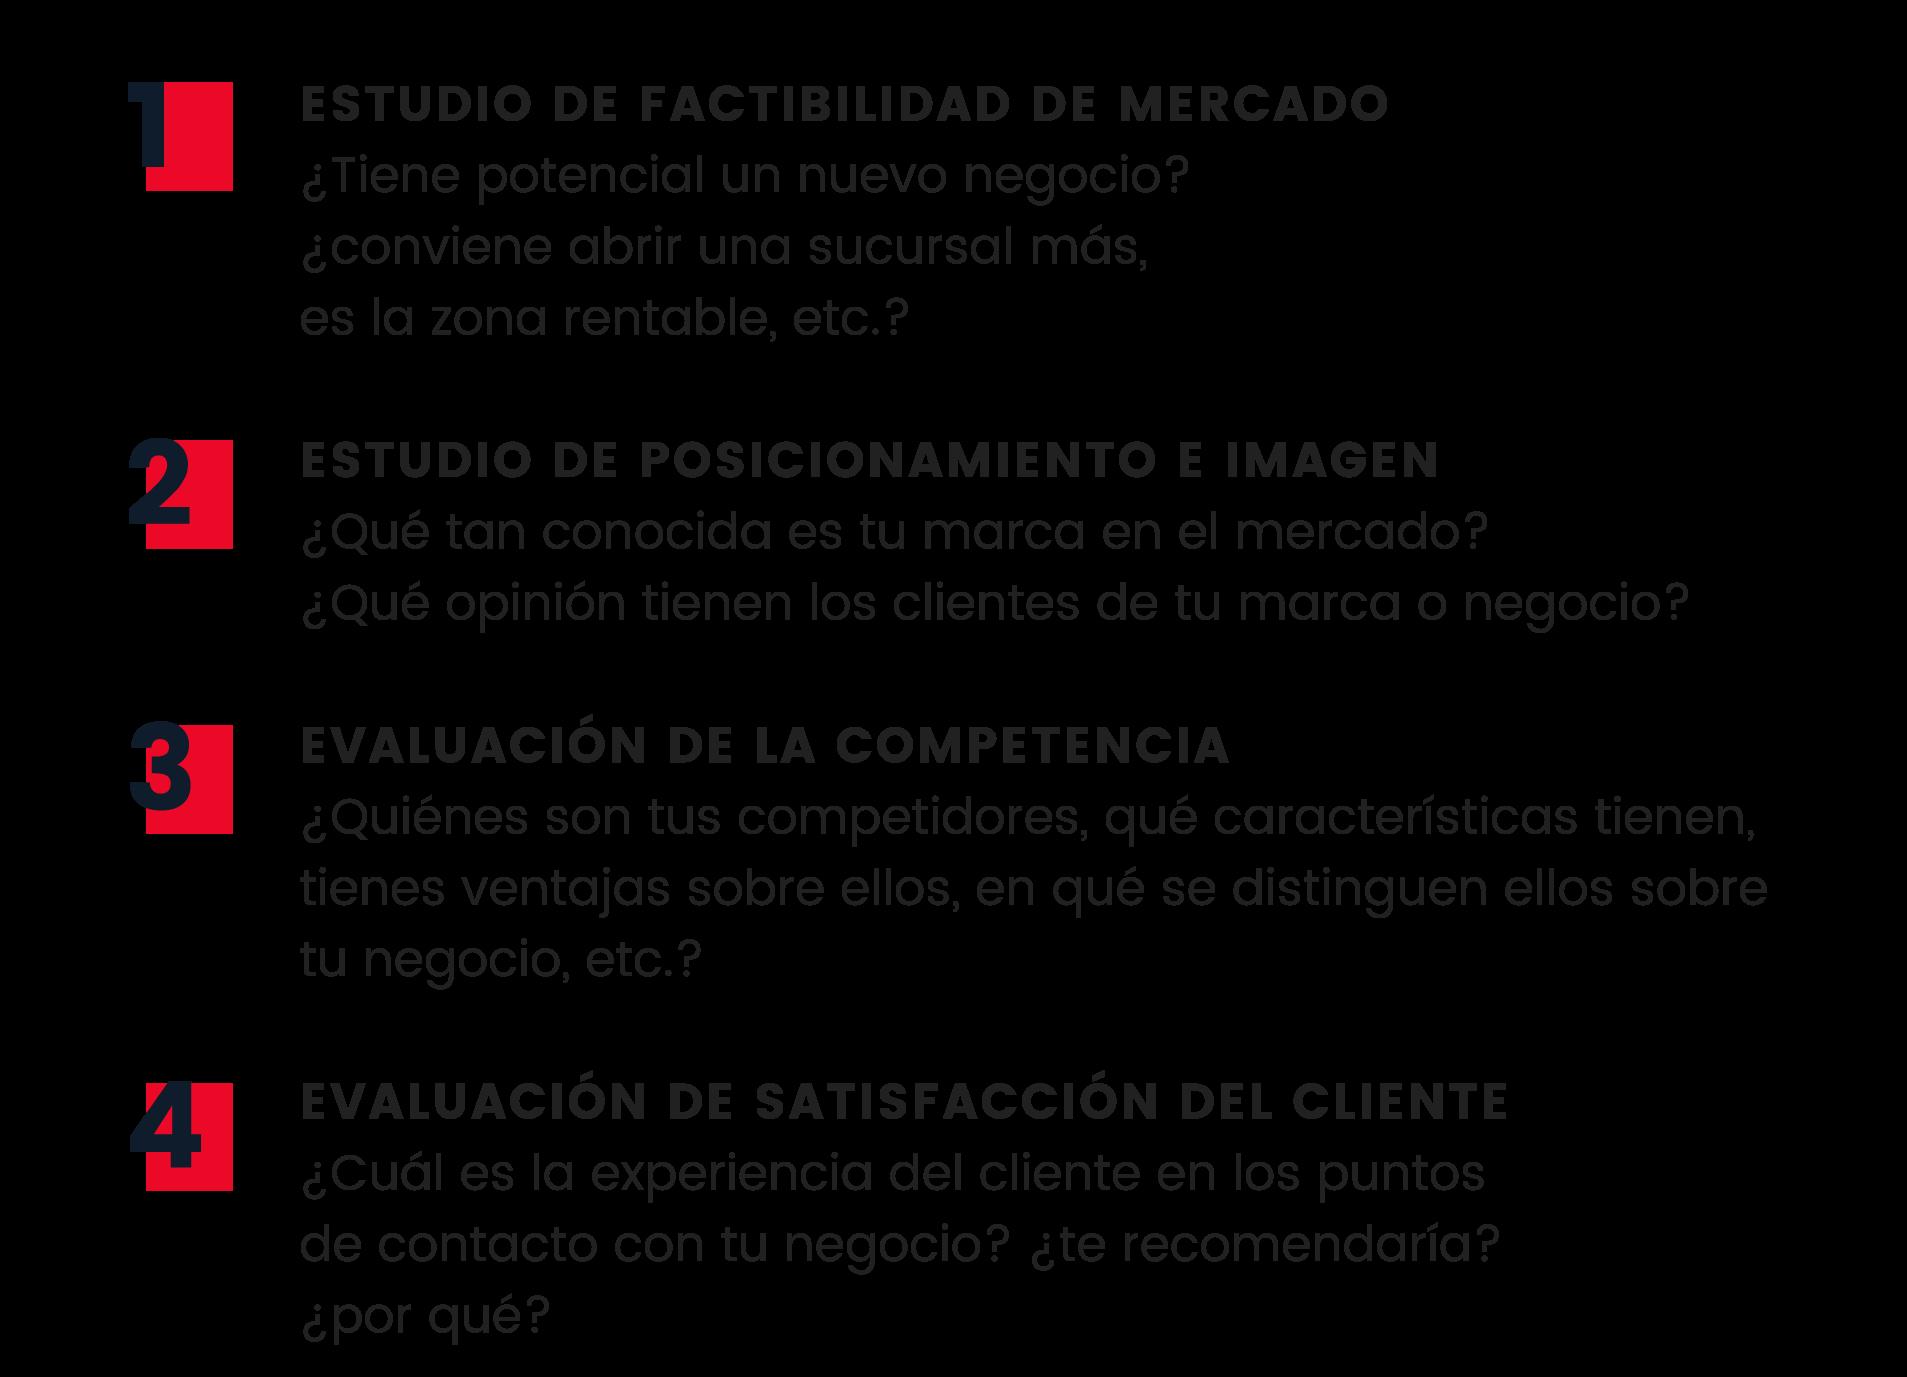 EG_Elementos_Estudios_1-4